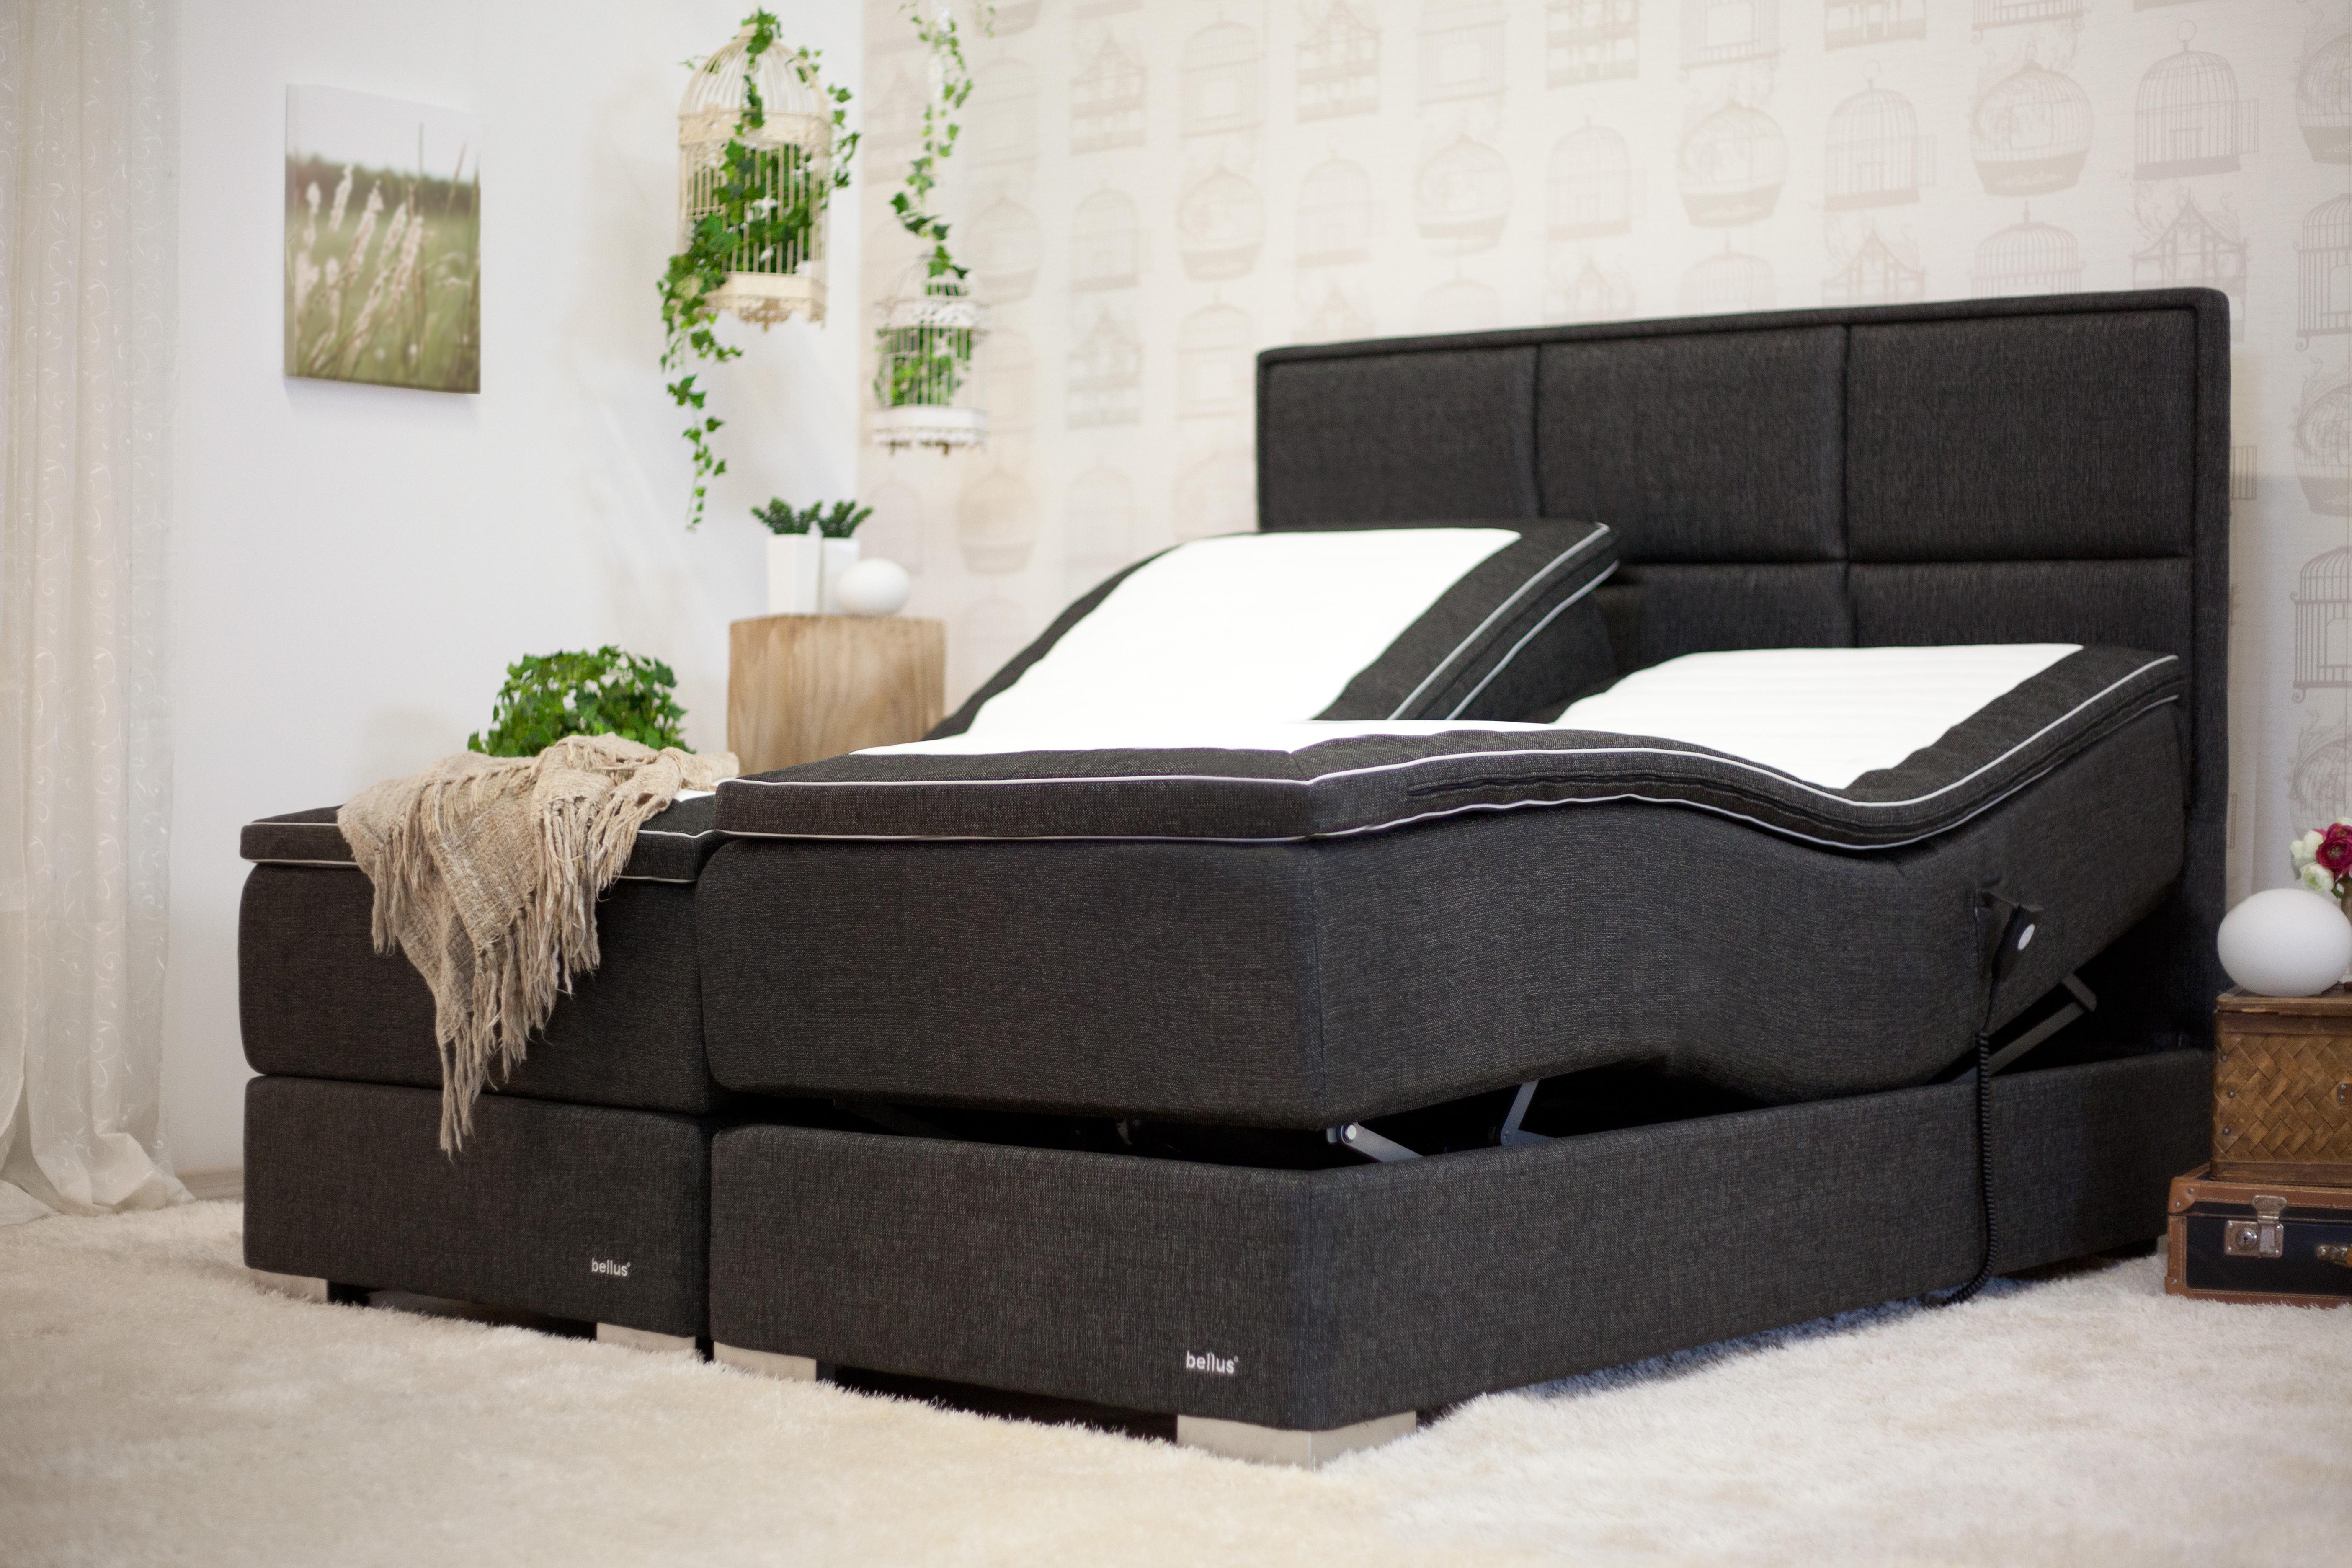 Adjustable Diamond Bellus Furniture